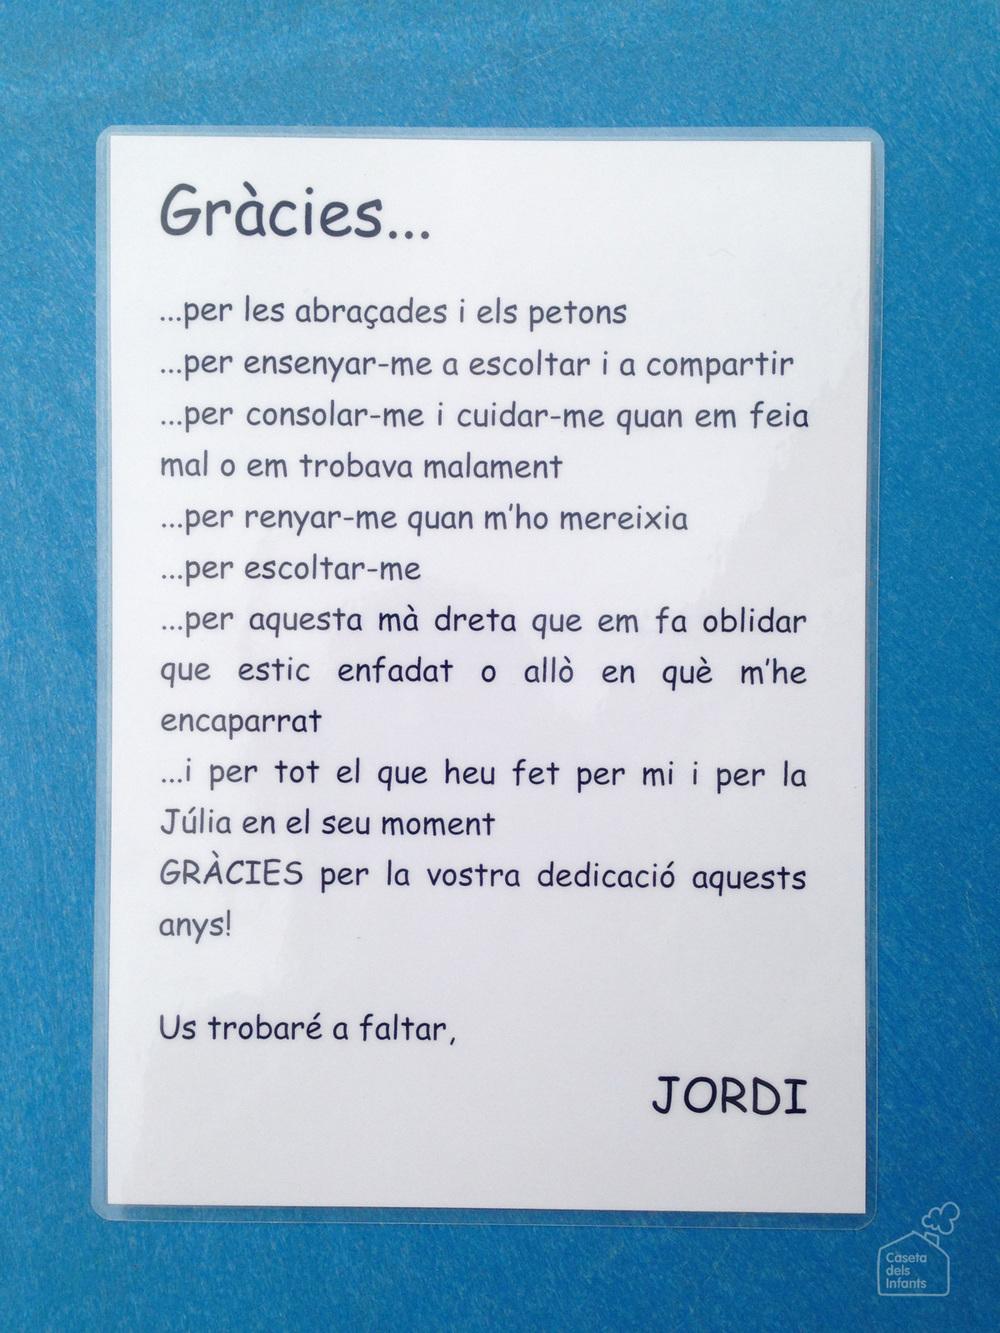 La_Caseta_dels_infants_Opinio_Jordi_02.jpg